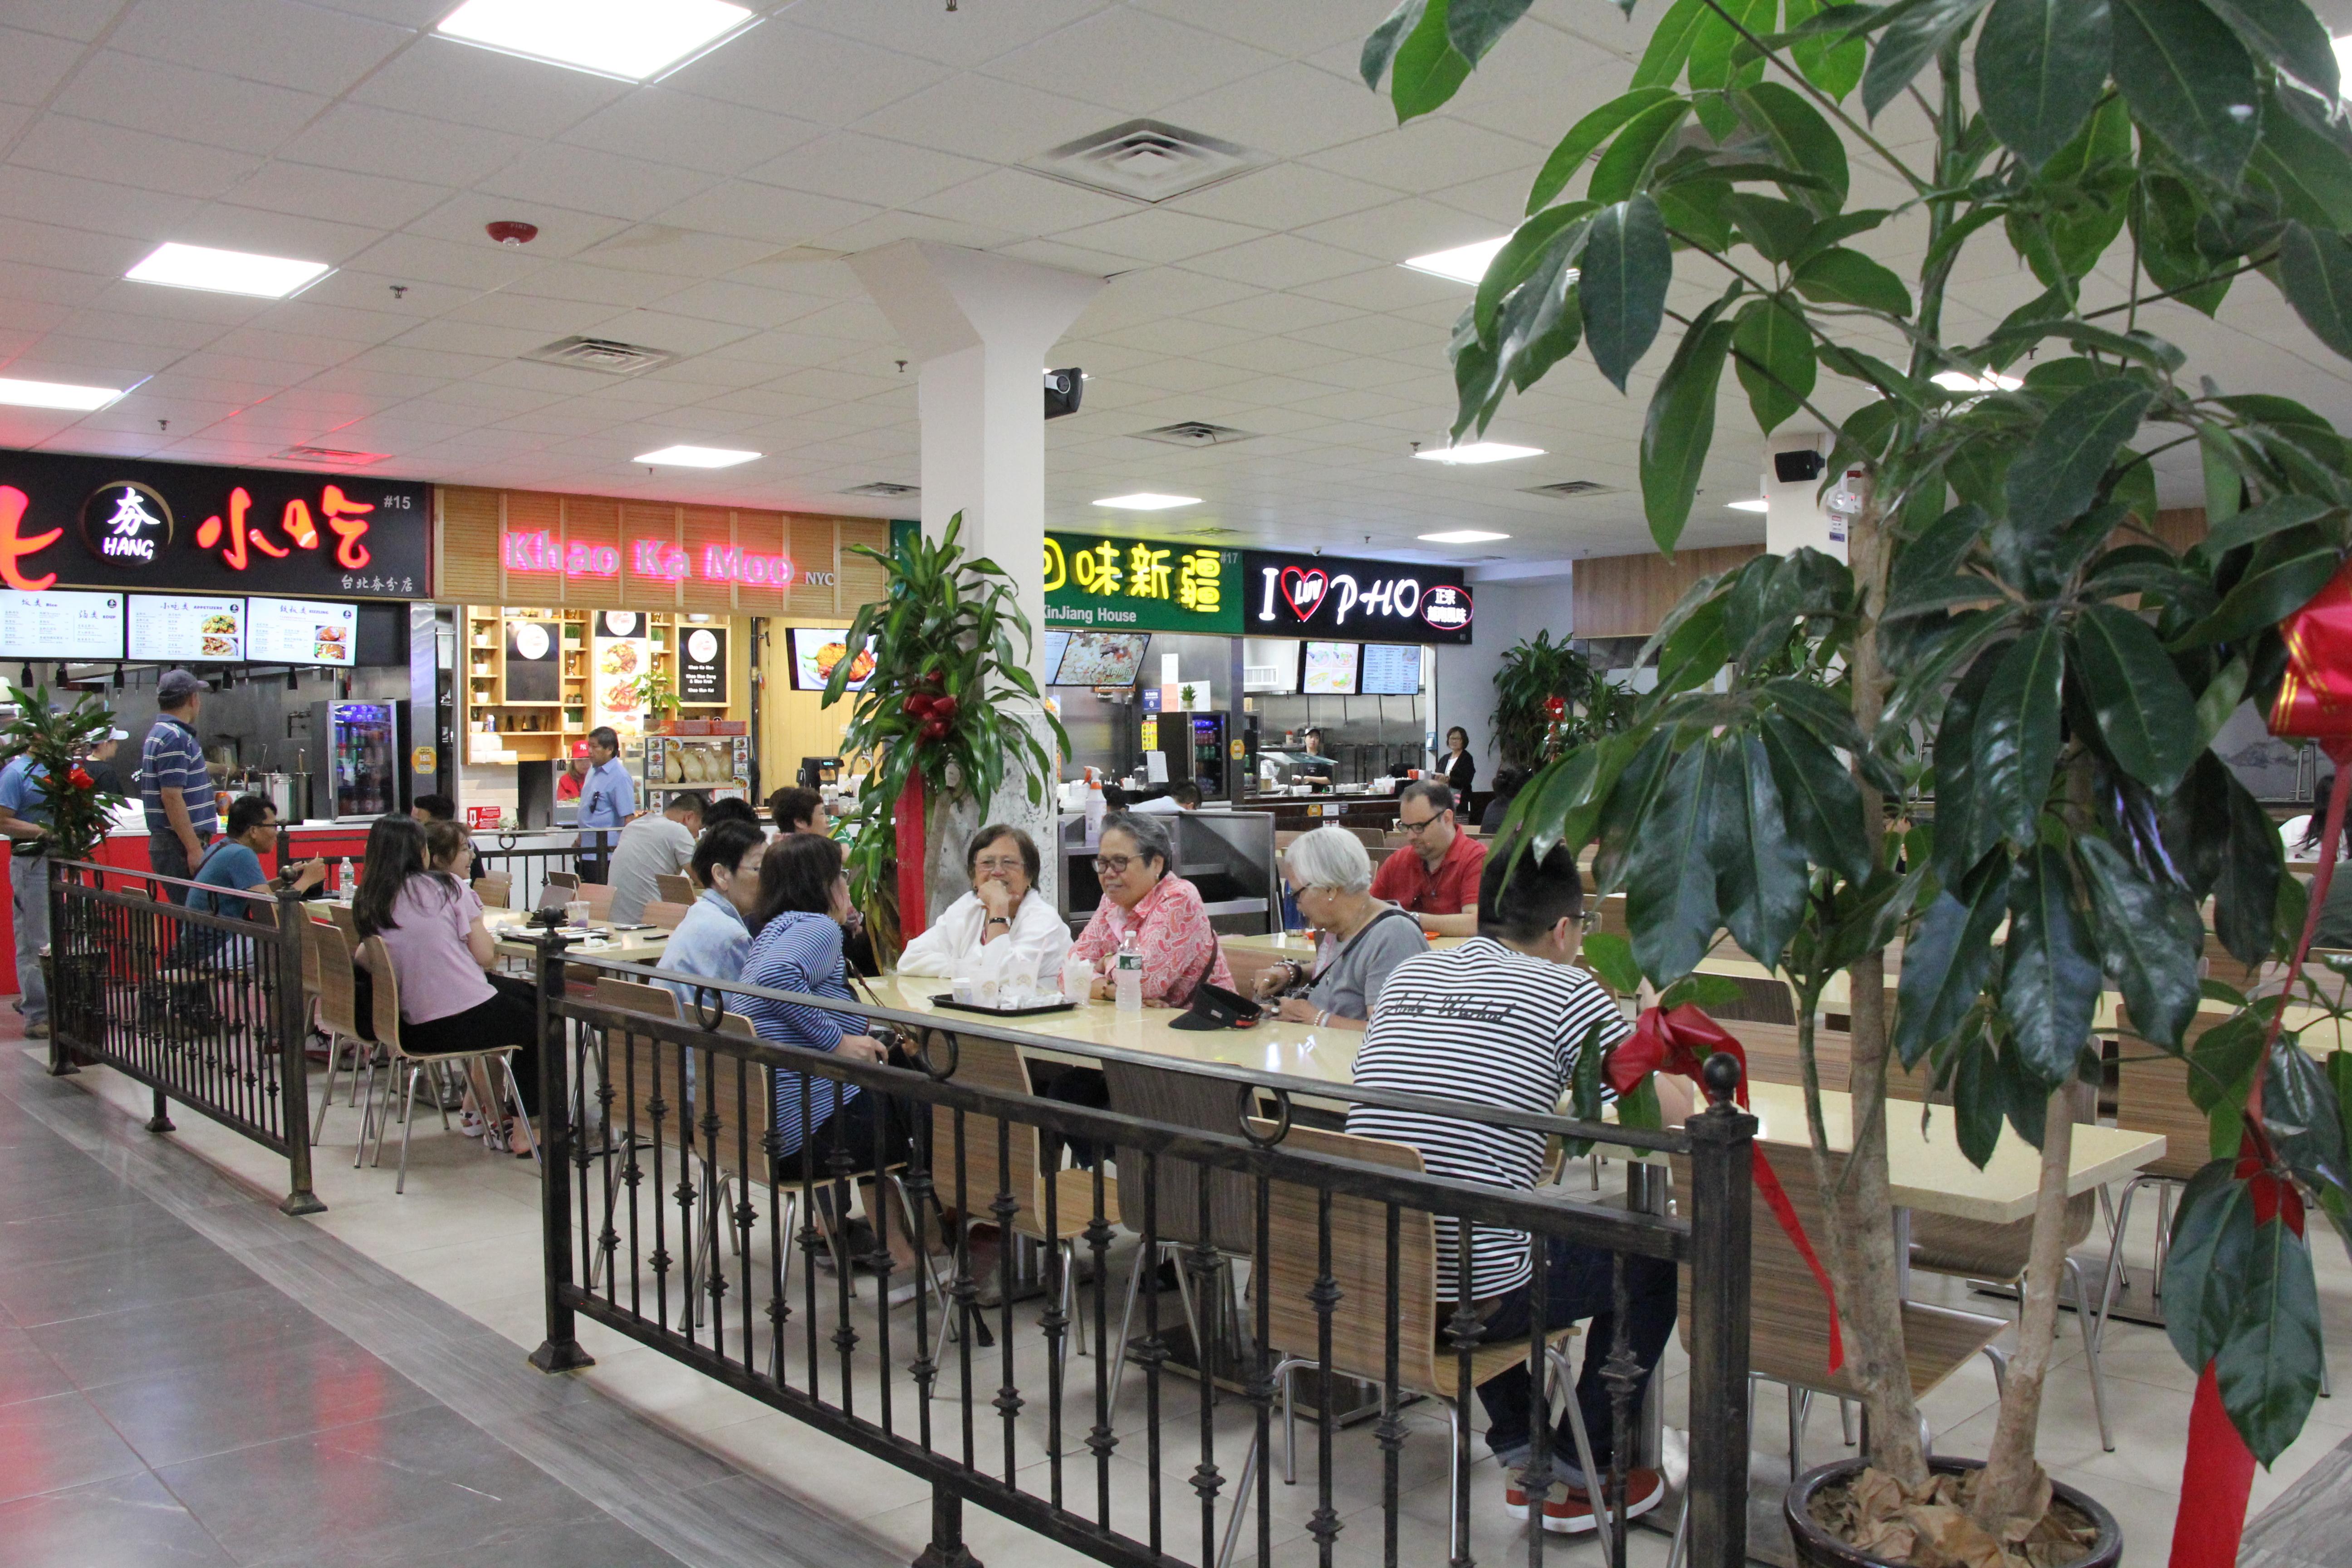 HK Food Court in Elmhurst